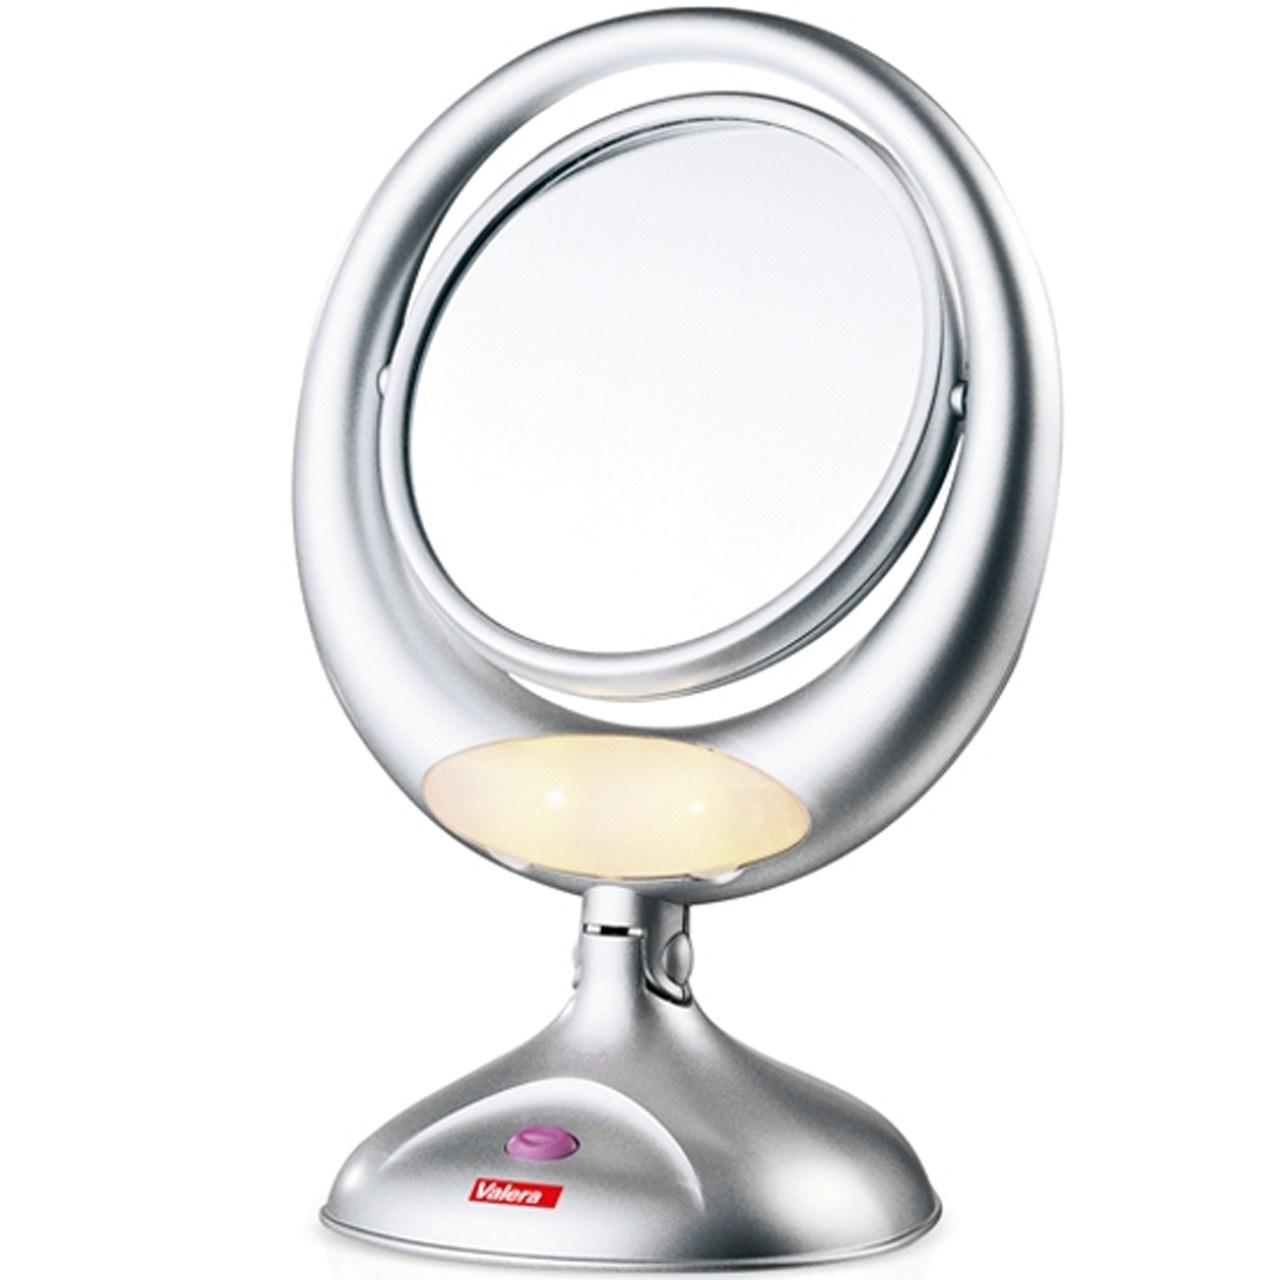 قیمت آینه آرایشی والرا مدل 618-01 Vanity